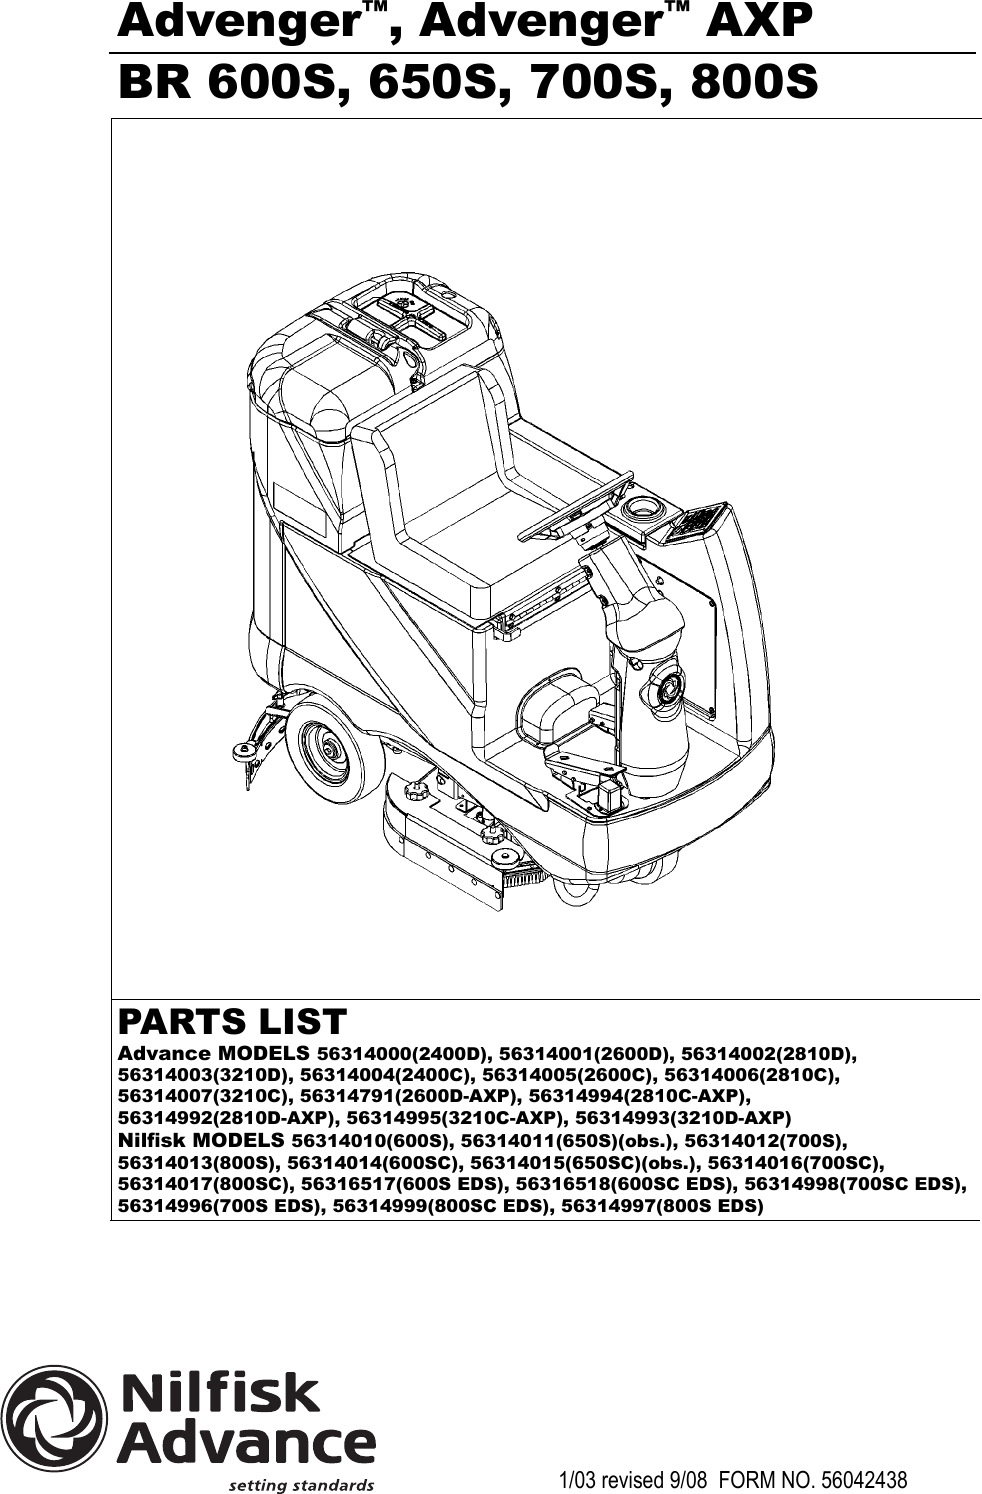 advance advenger 3210d parts manual